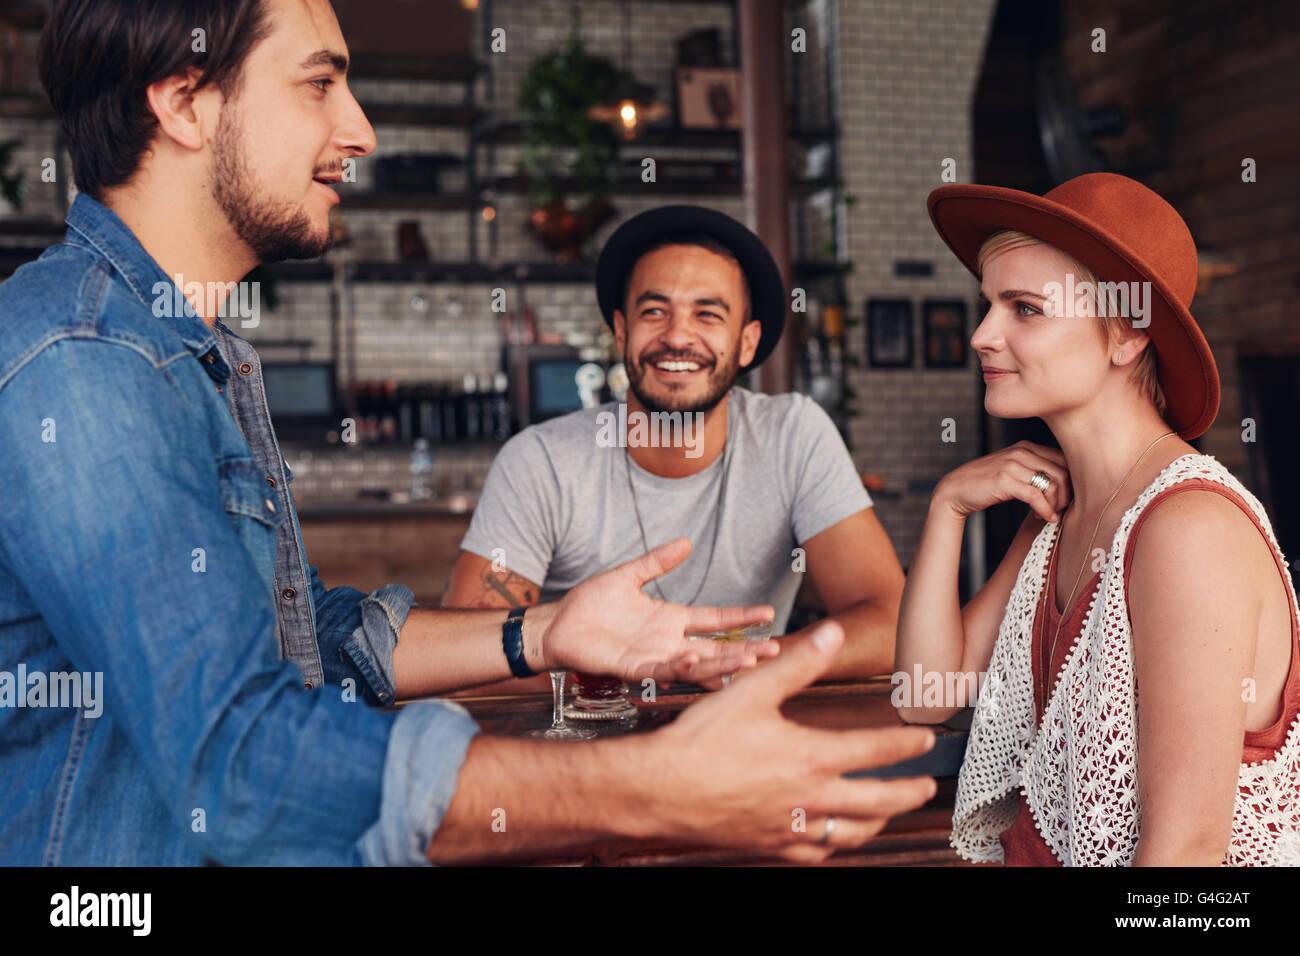 Un gruppo di giovani amici appendere fuori a un cafe'. Giovani uomini e donne seduti insieme e parlando in un Immagini Stock